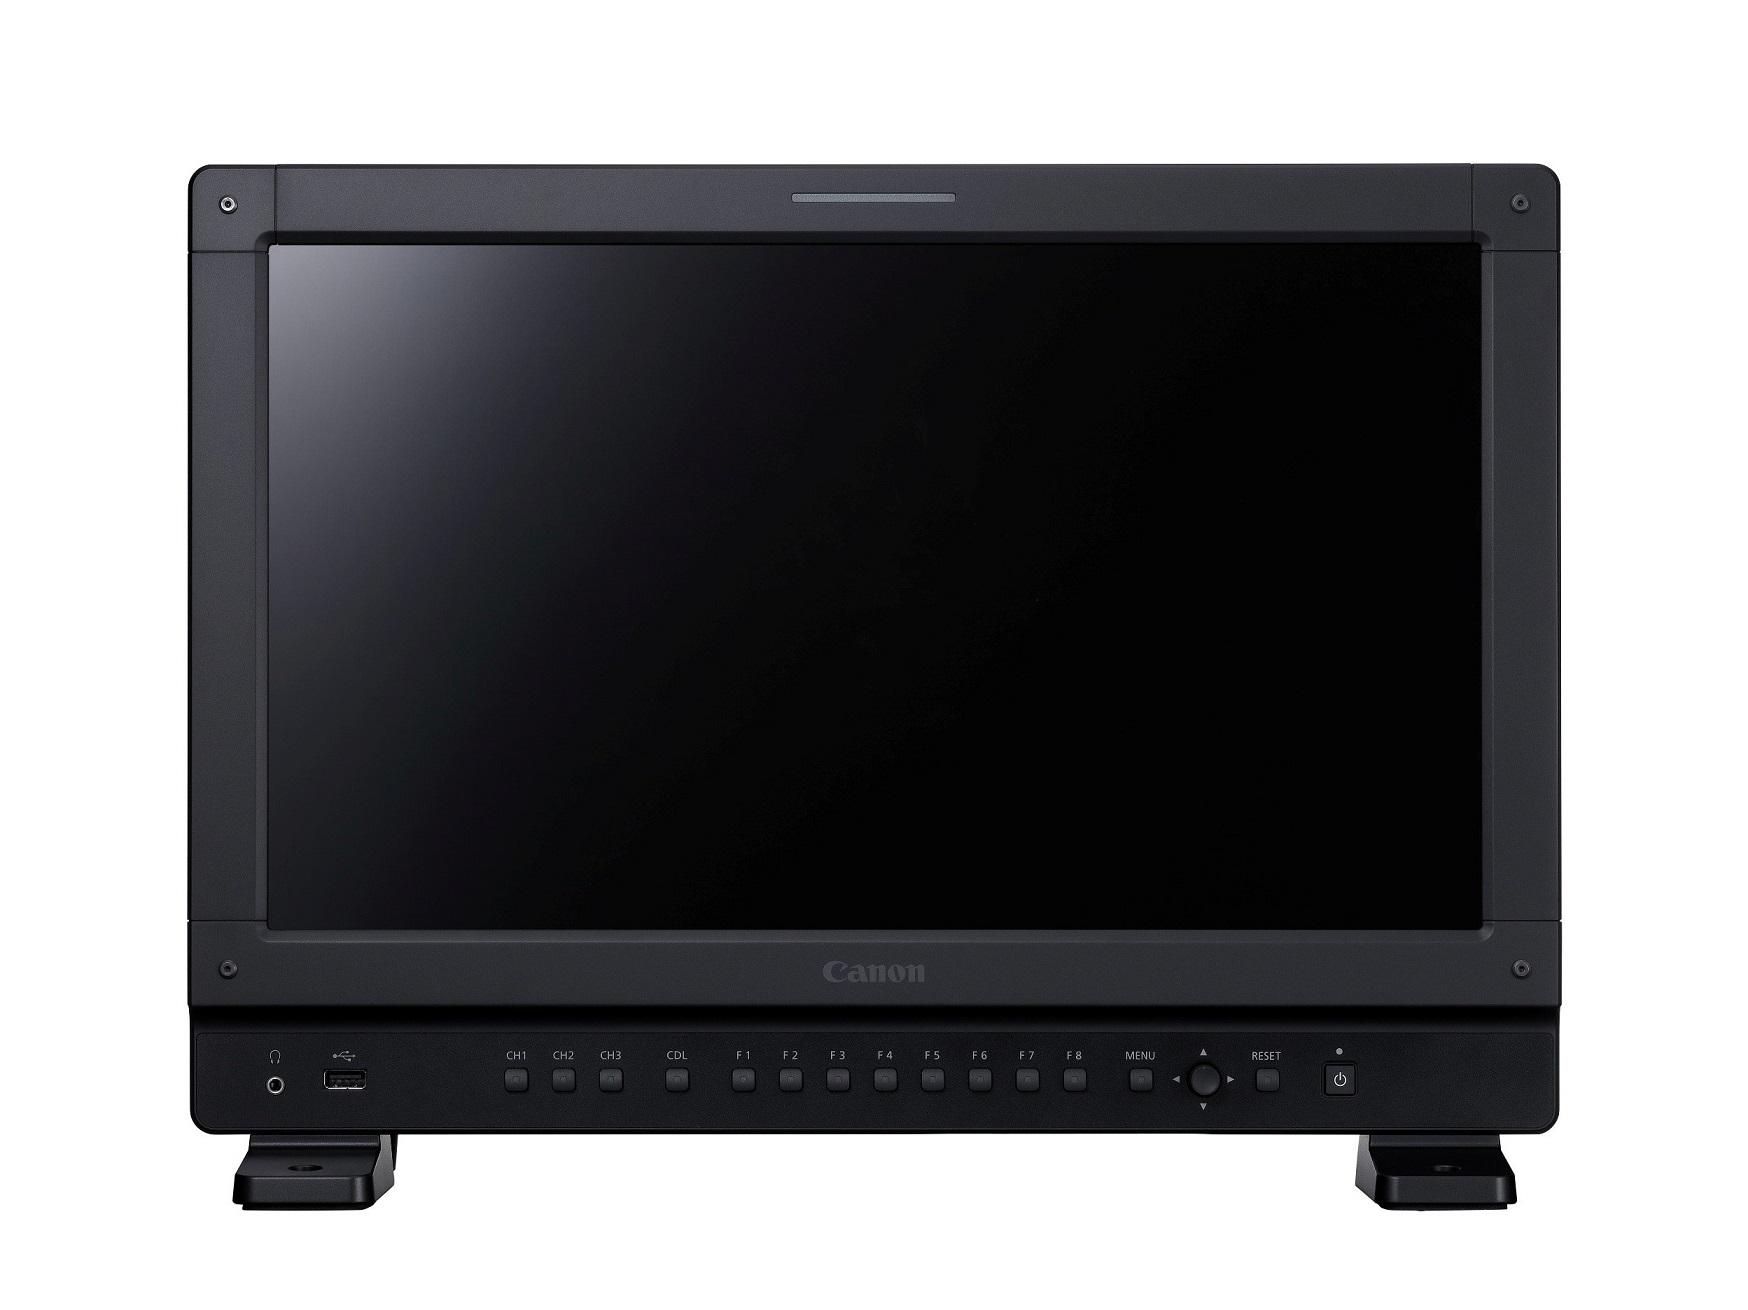 Canon thông báo về phần cập nhật firmware có tính phí cho hai model màn hình 4K chuyên nghiệp DP-V1710 và DP-V1711 giúp nâng cao độ sáng